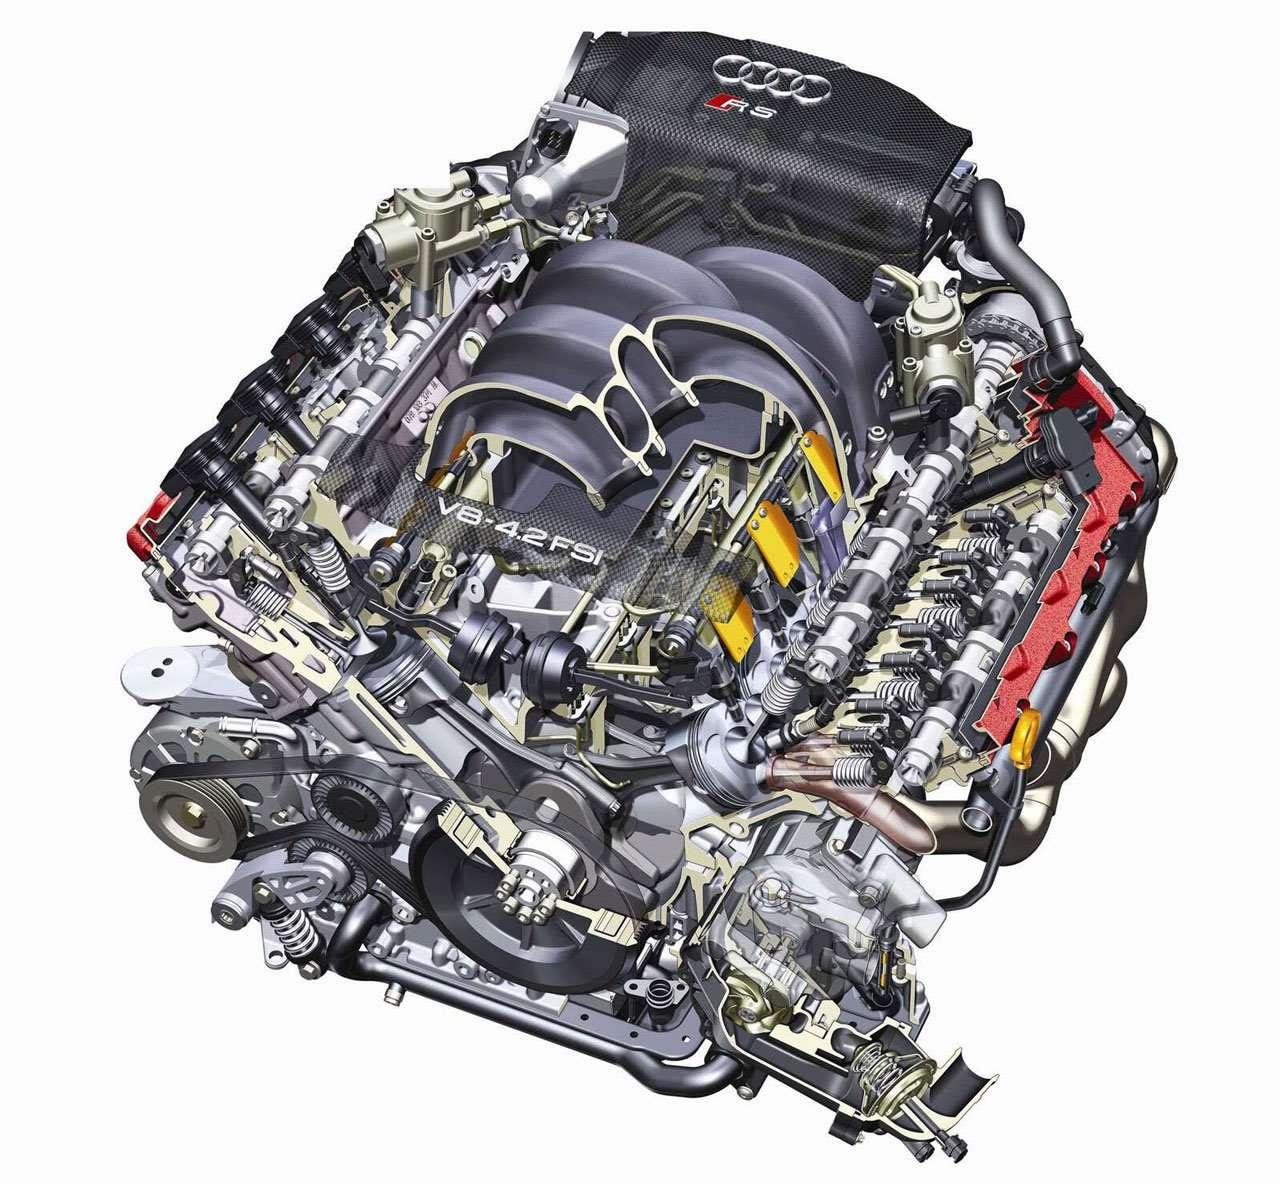 Фото двигателя Ауди S4 B6